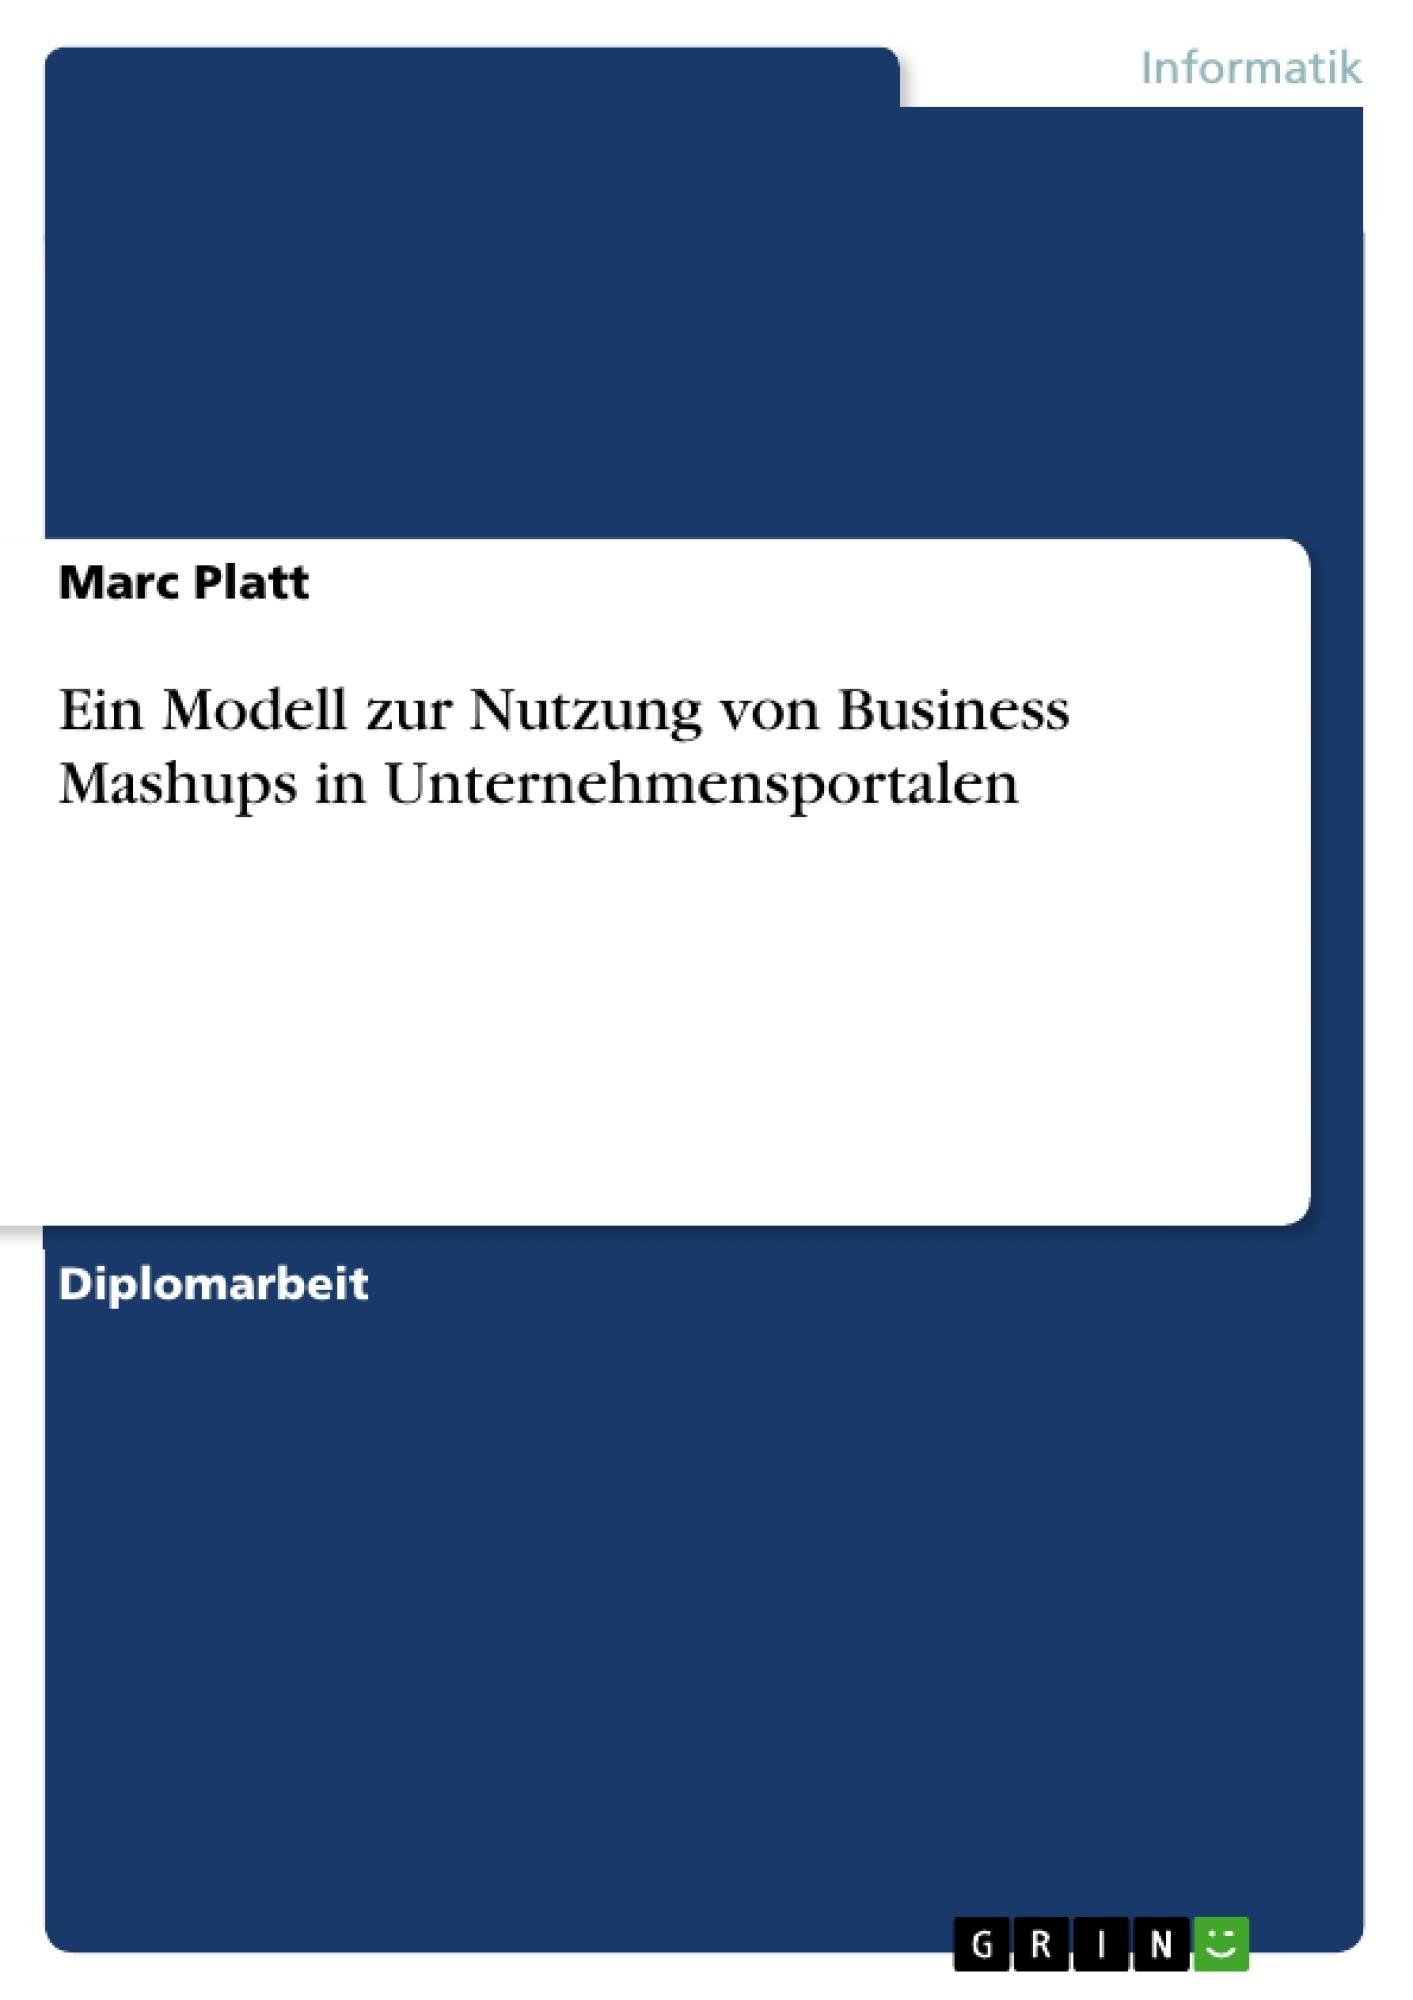 Titel: Ein Modell zur Nutzung von  Business Mashups in  Unternehmensportalen